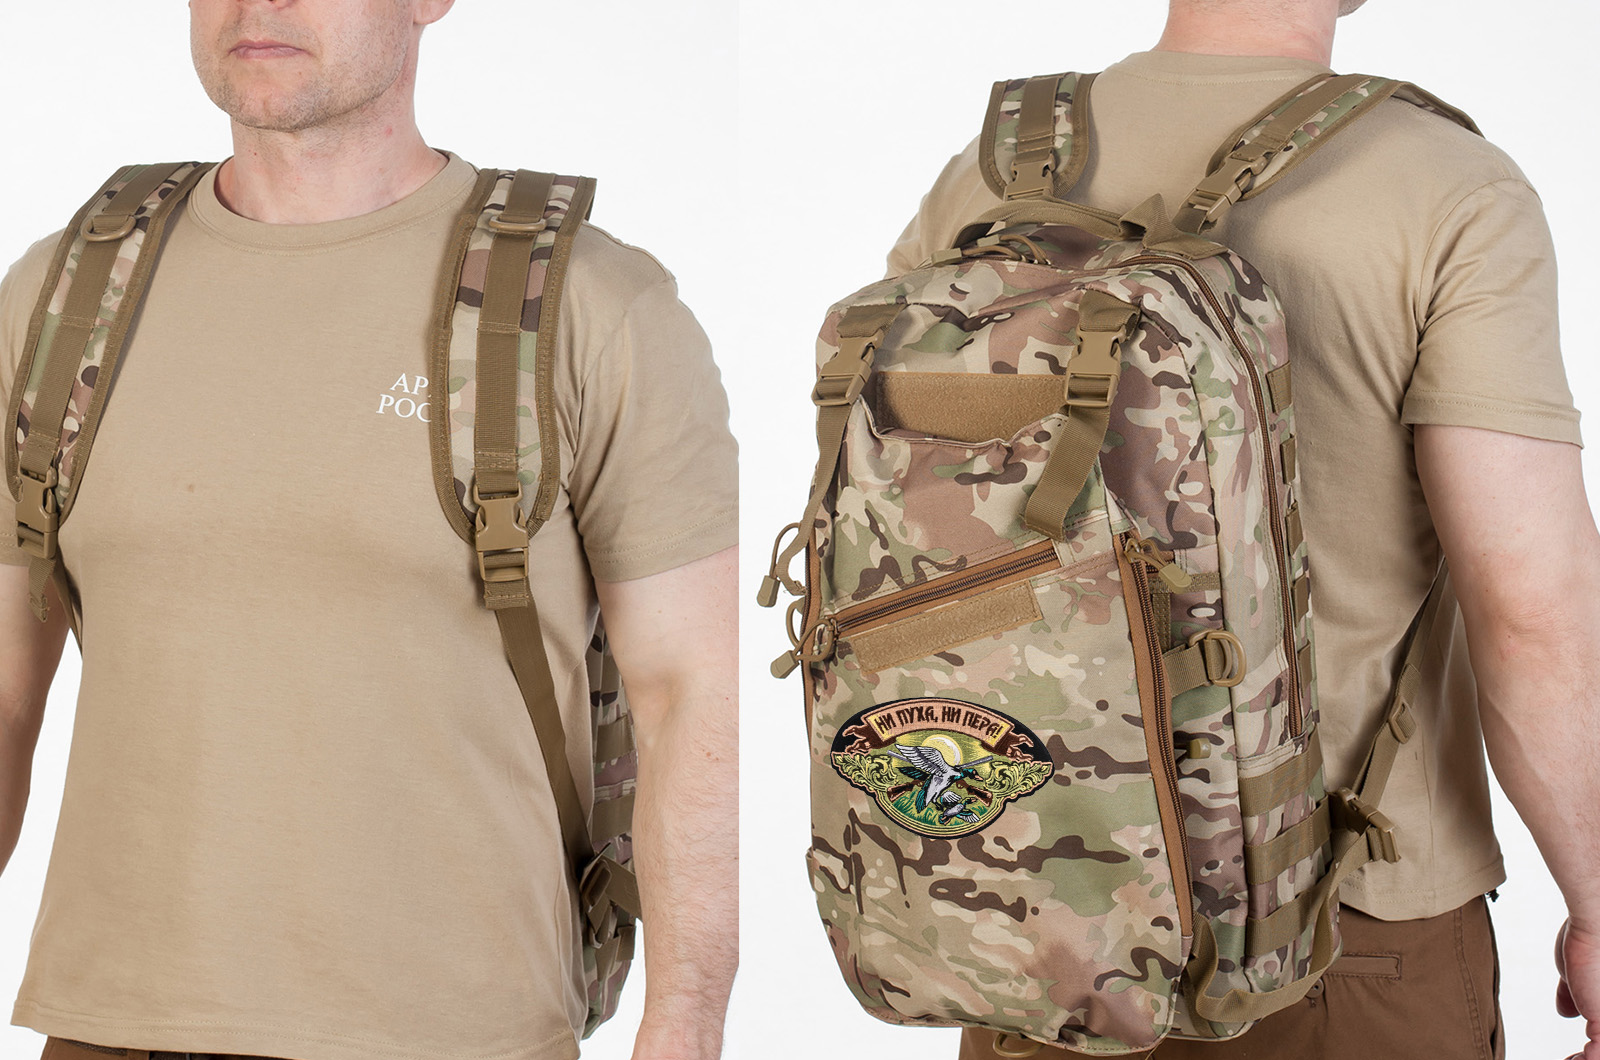 Охотничий камуфляжный рюкзак Ни Пуха ни Пера - купить в подарок